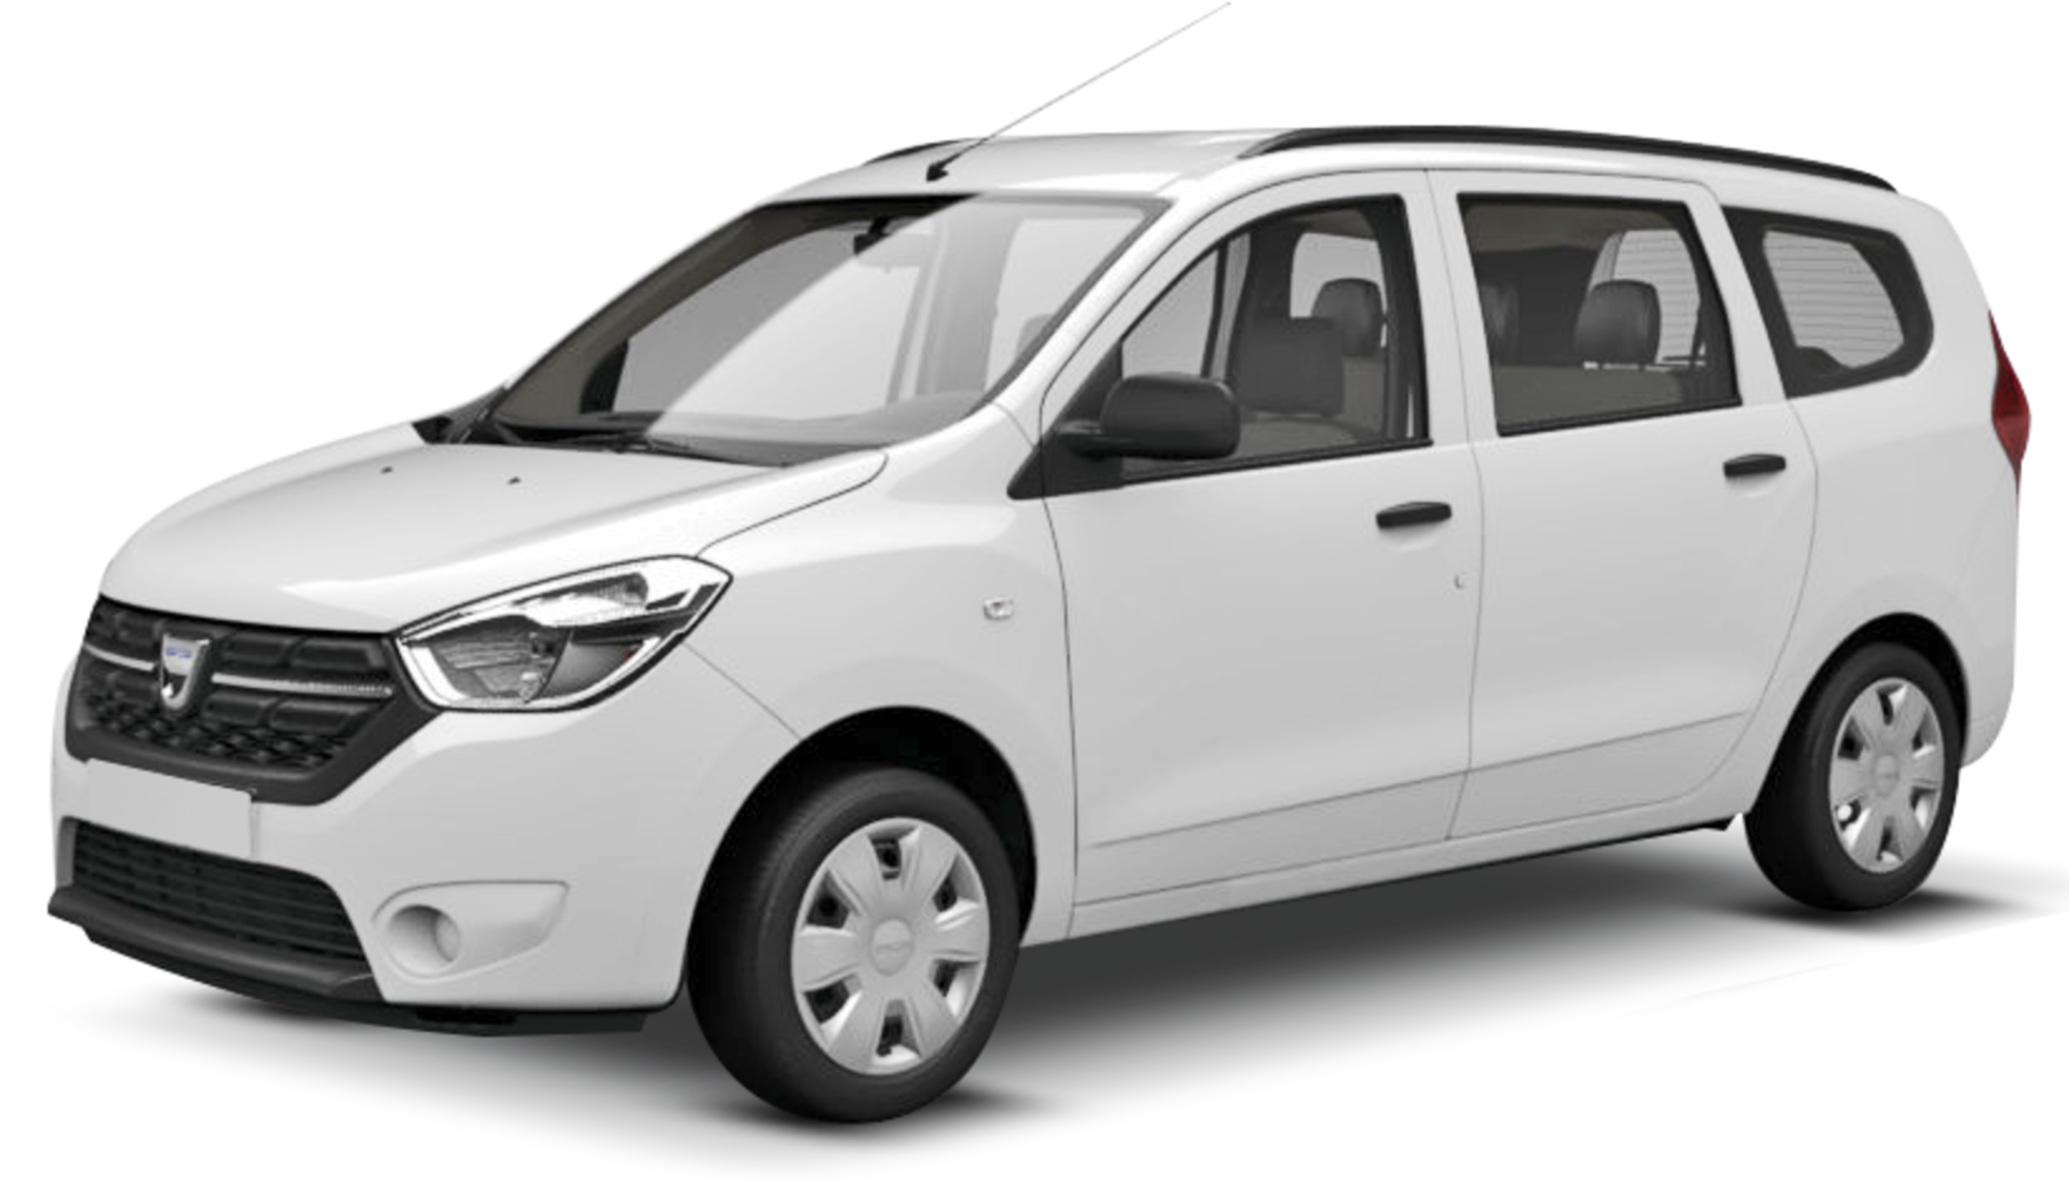 Listino dacia lodgy prezzo scheda tecnica consumi for Dacia immagini